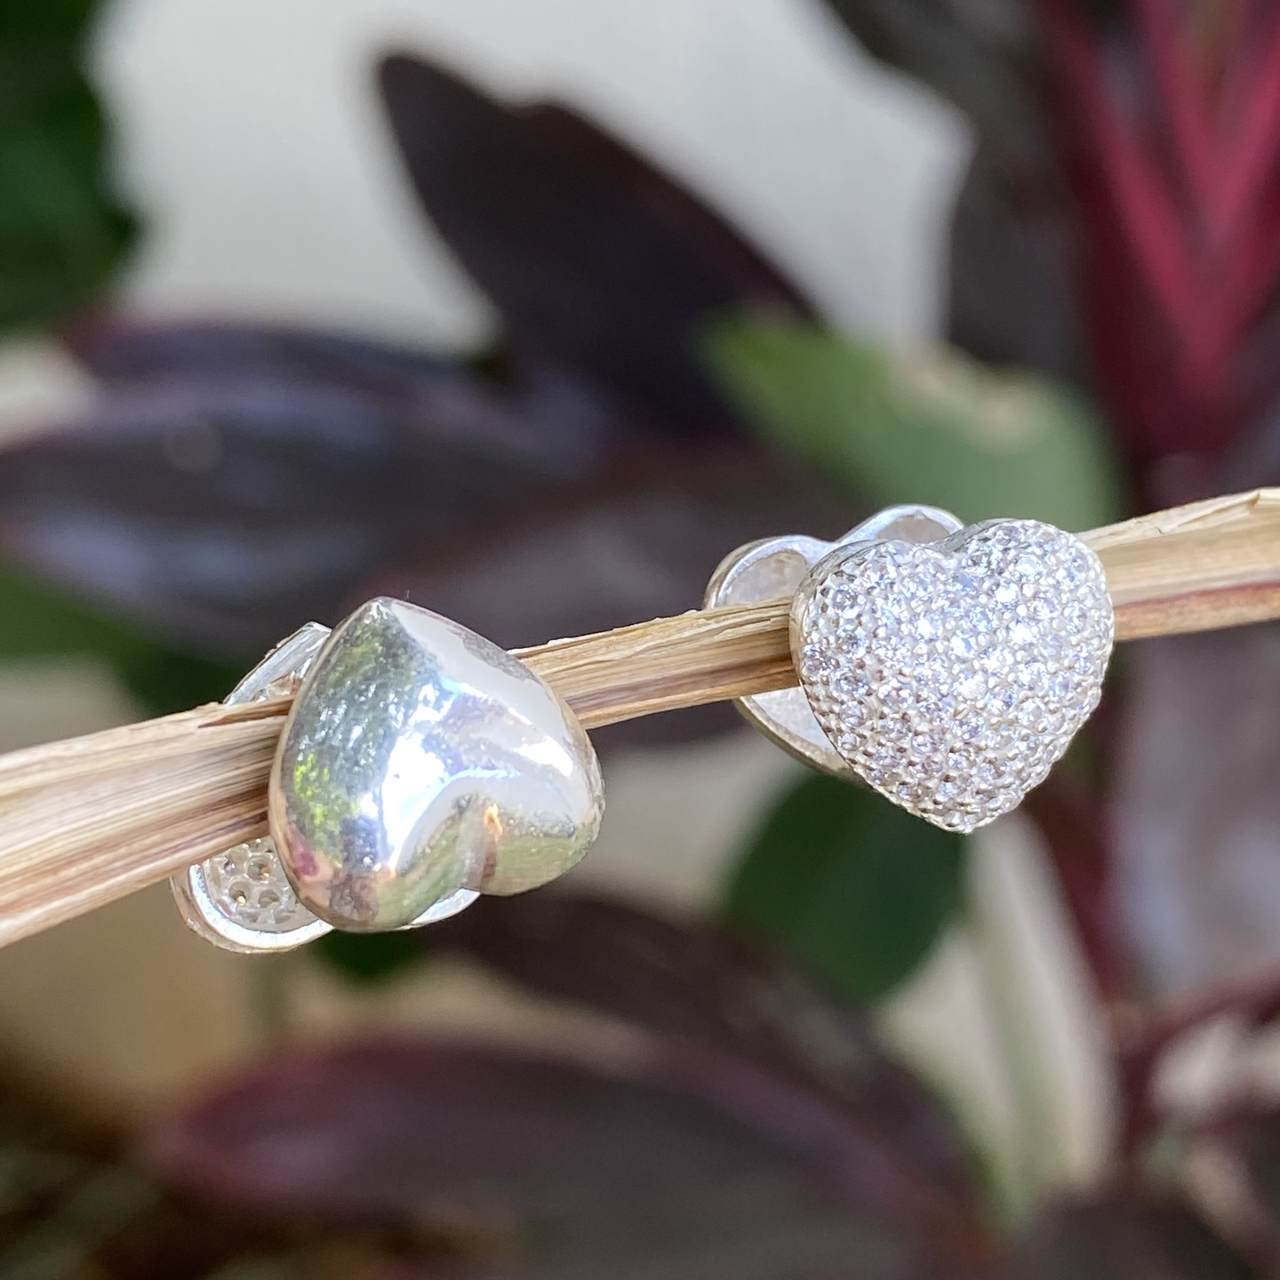 Brinco de Prata 925 Coração Cravejado Microzircônias Cristal